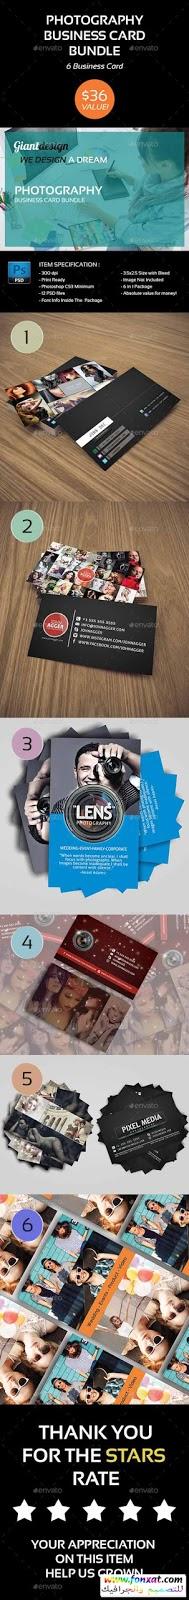 تصميمات الكروت الشخصية رقم Business cards 27 بحجم 60 ميجا بايت